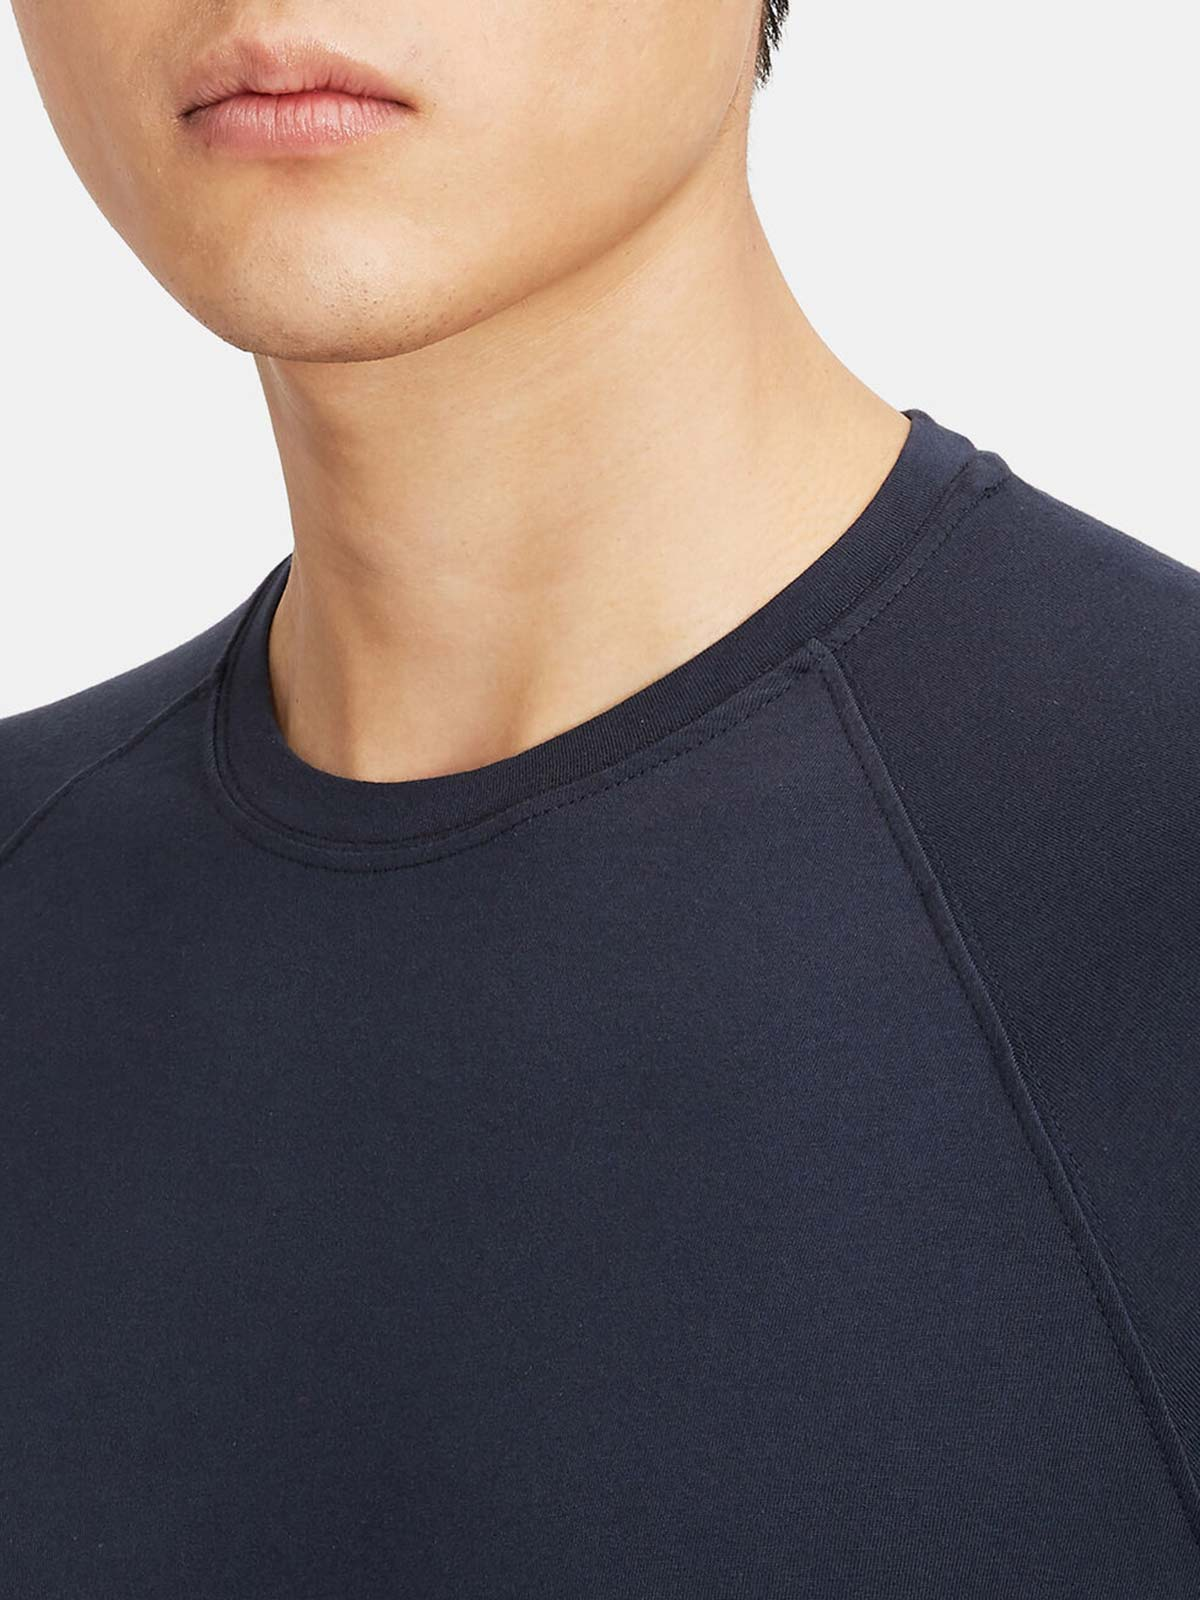 Immagine di ASPESI   T-Shirt Uomo in Jersey